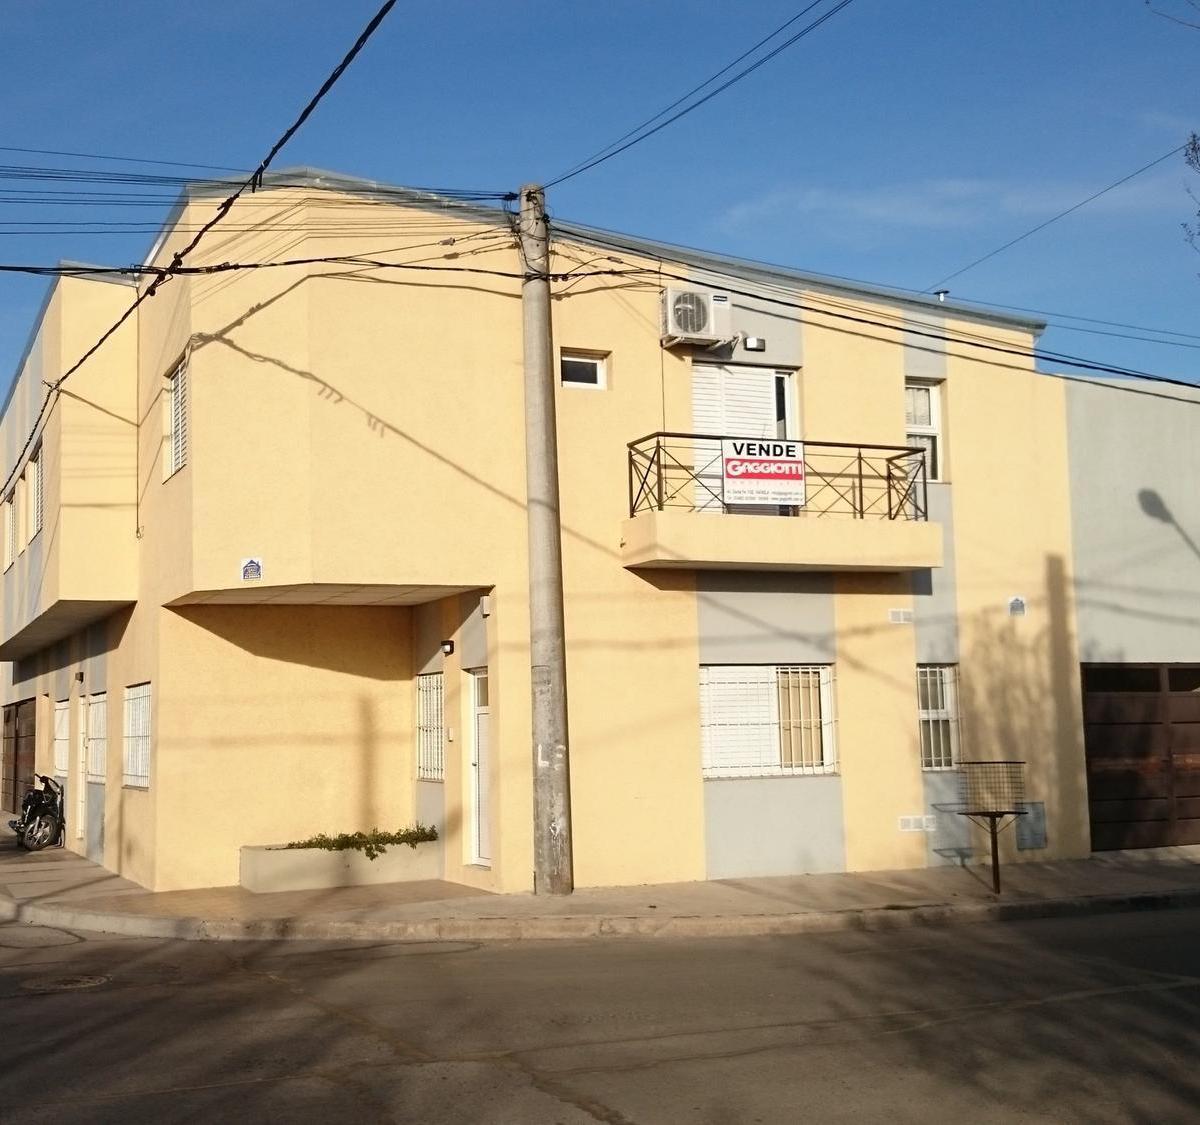 Juan B. Justo 497 1er piso Depto. 8 - Gaggiotti Inmobiliaria cuenta con más de 50 años desde que se inicio en el negocio de los servicios inmobiliarios.